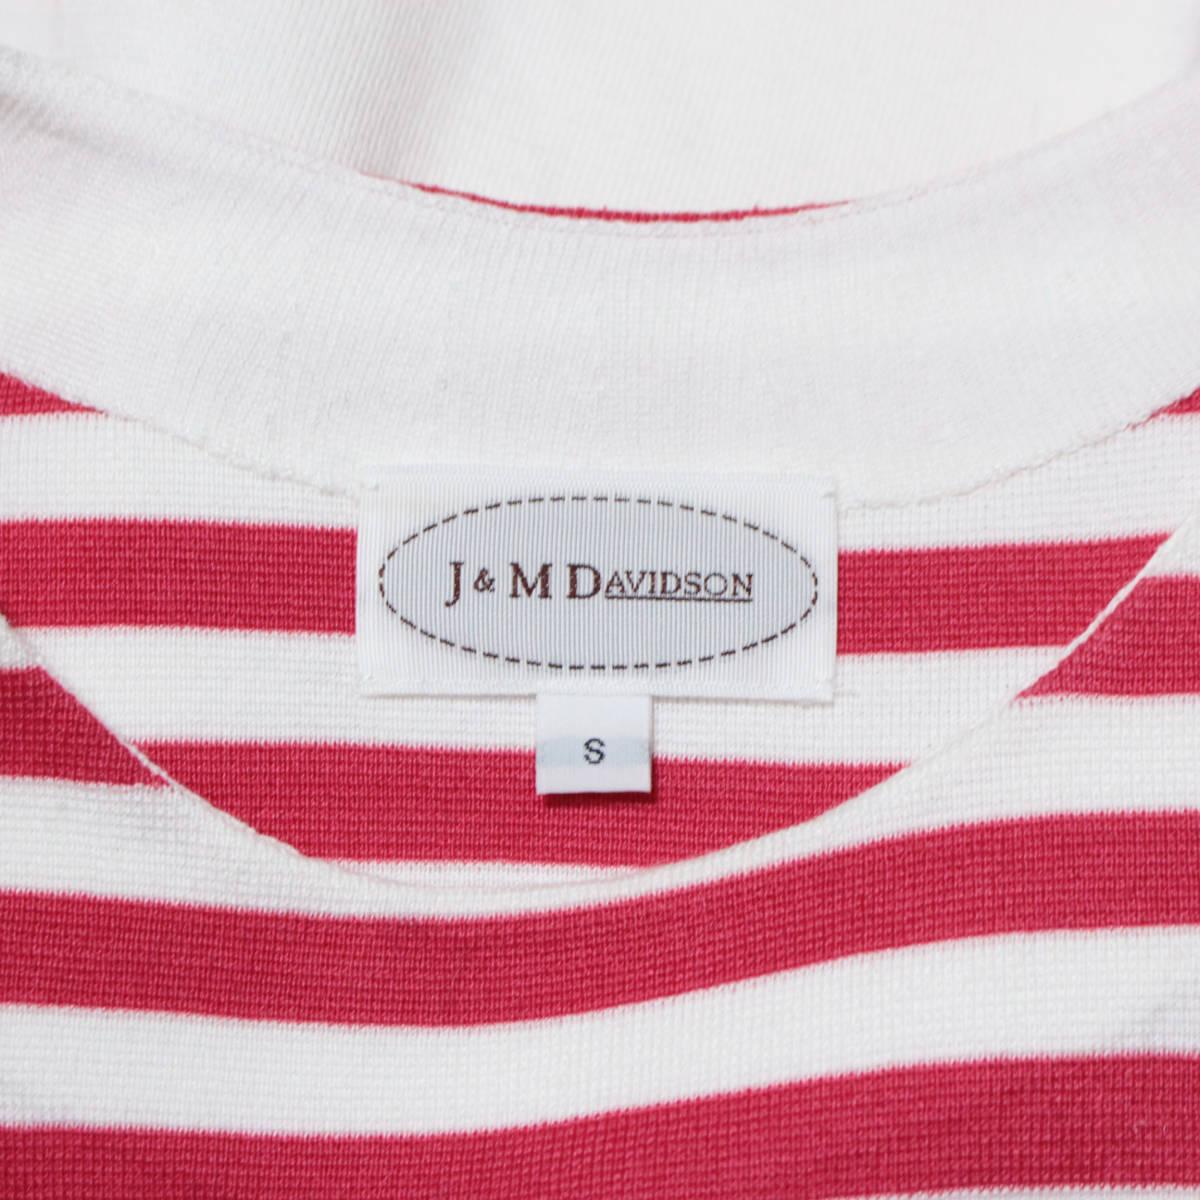 美品* J&M DAVIDSON ジェイアンドエムデヴィッドソン 参考価格5.7万 ボーダー柄ノースリーブワンピース ホワイト×ピンク Sサイズ 綿100%_画像4